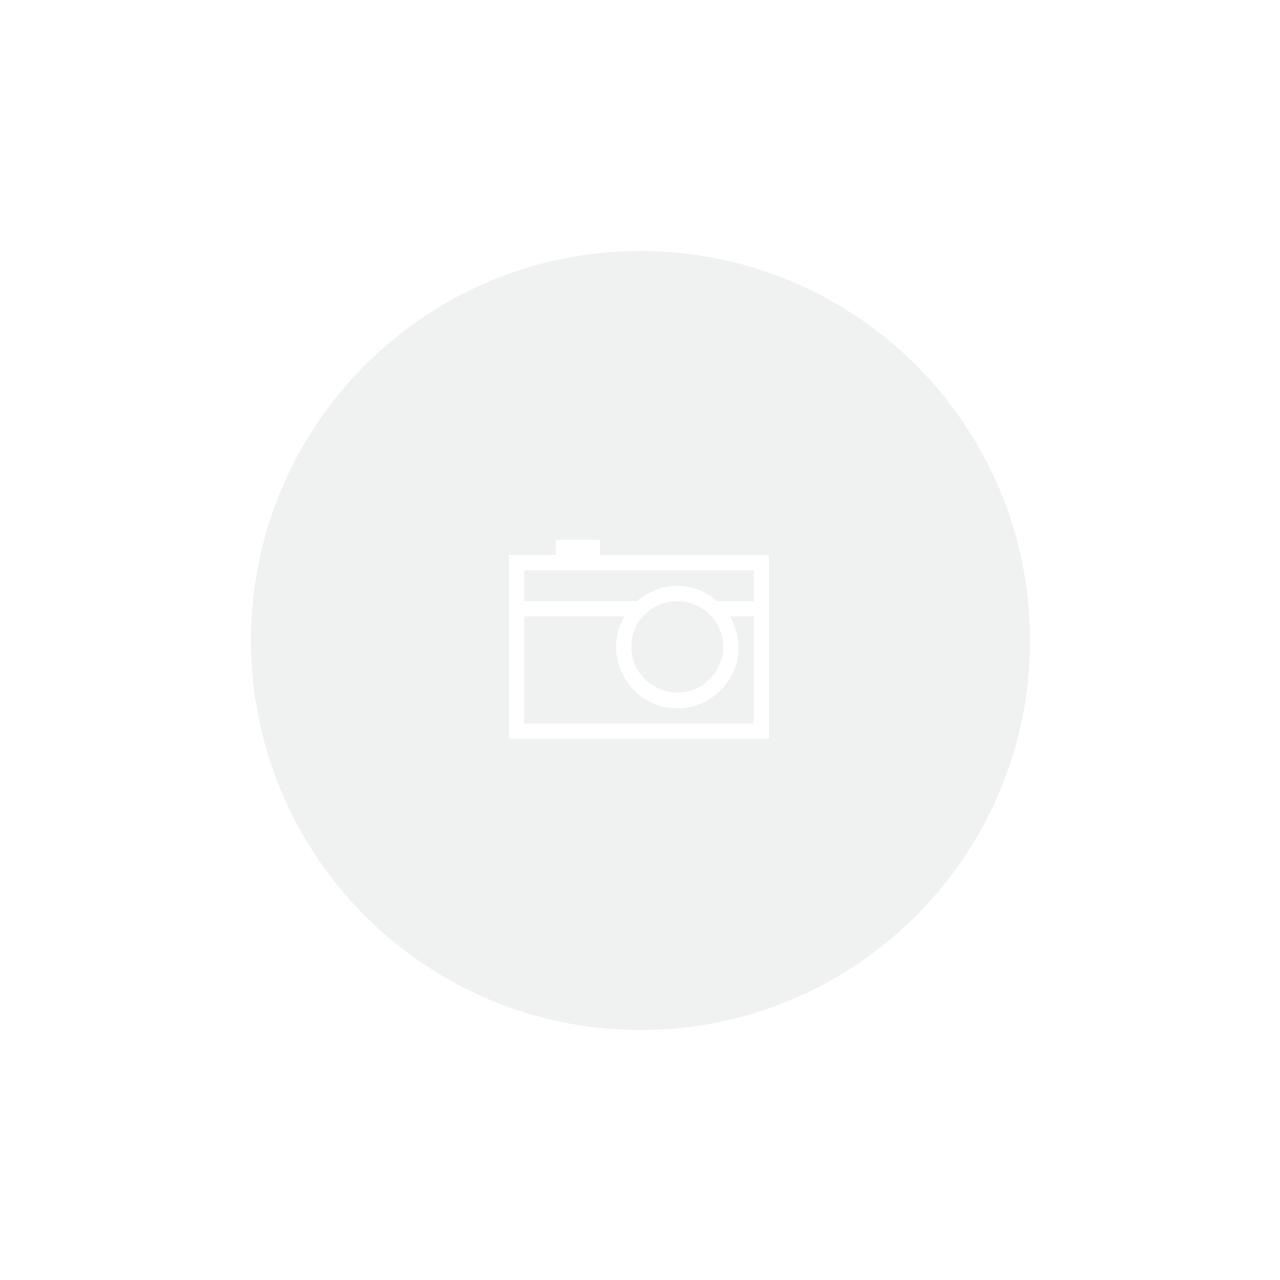 Kit Intermediário BMW / MINI - (2009 à 2012) - Desbloqueio do DVD Original + Câmera de Ré + TV Full HD c/ 1 AV + entrada USB + saída HDMI